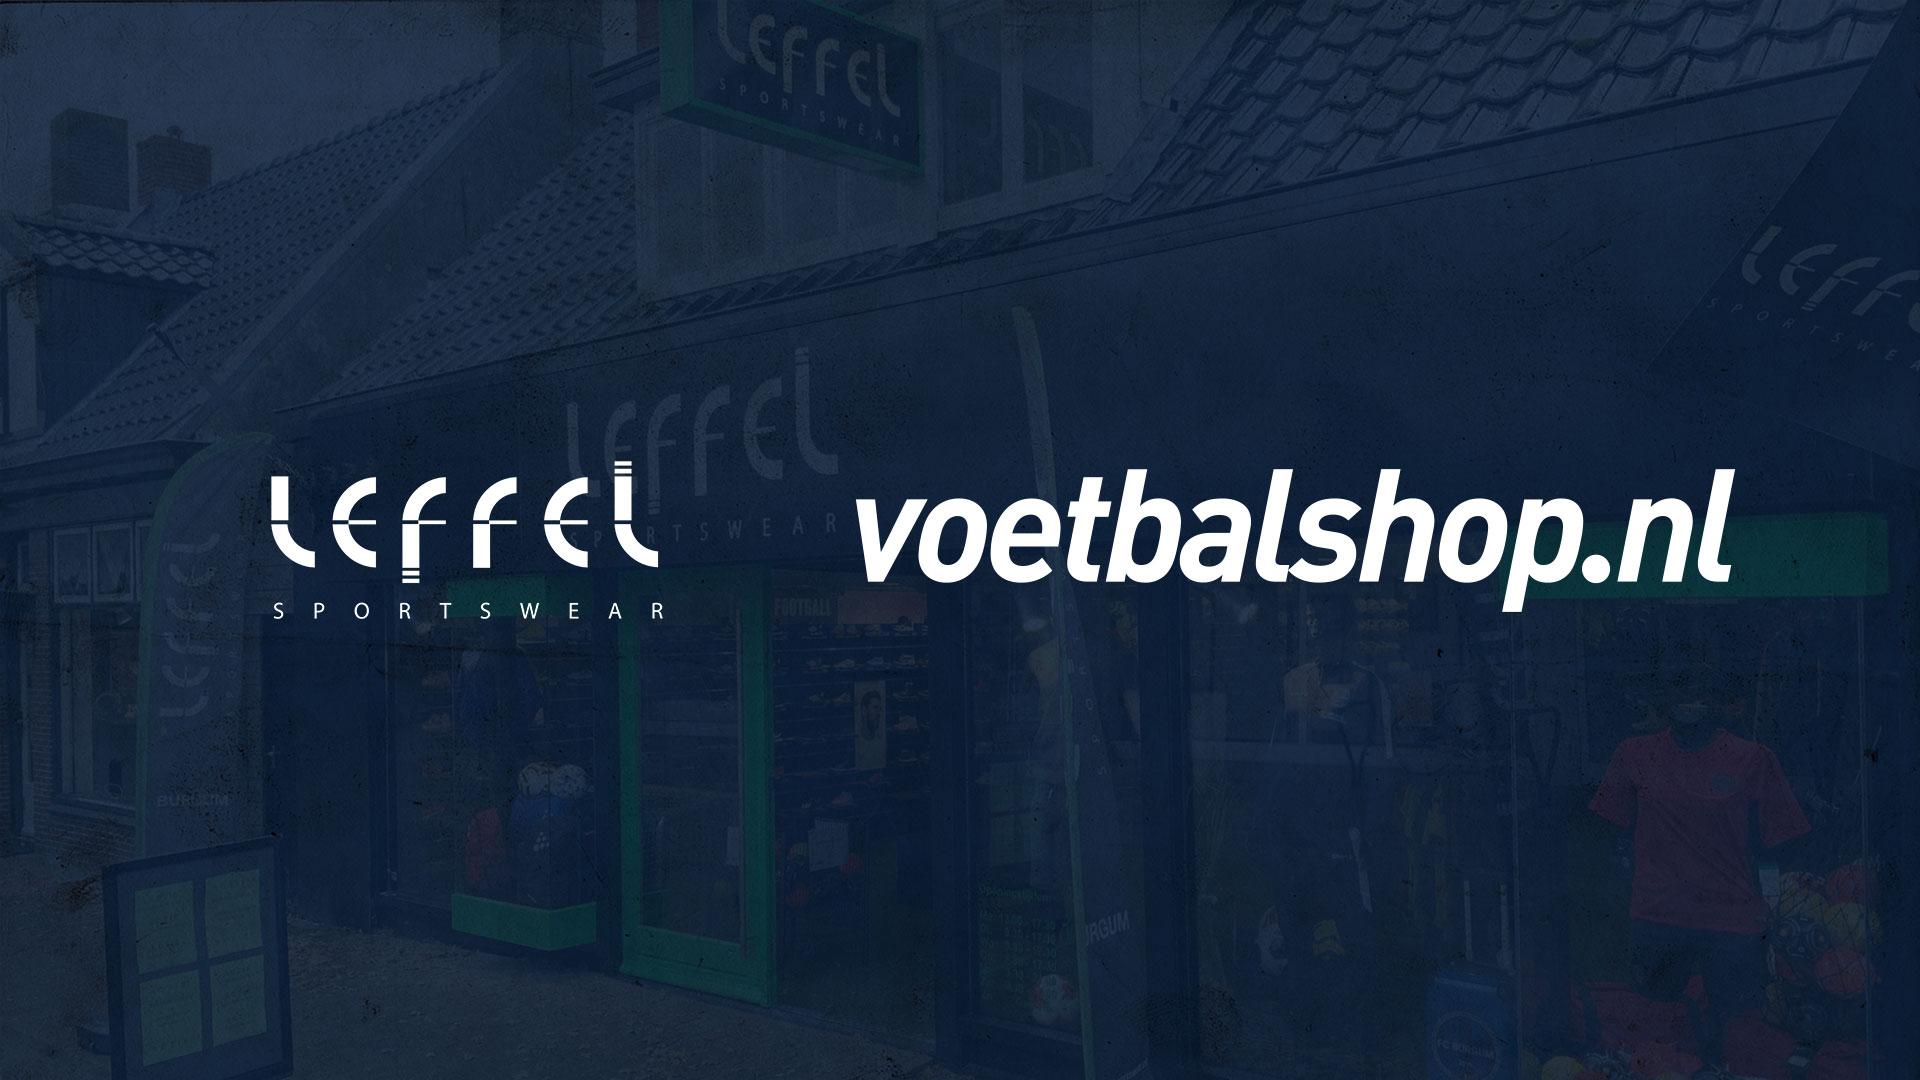 Leffel onderdeel van Voetbalshop.nl